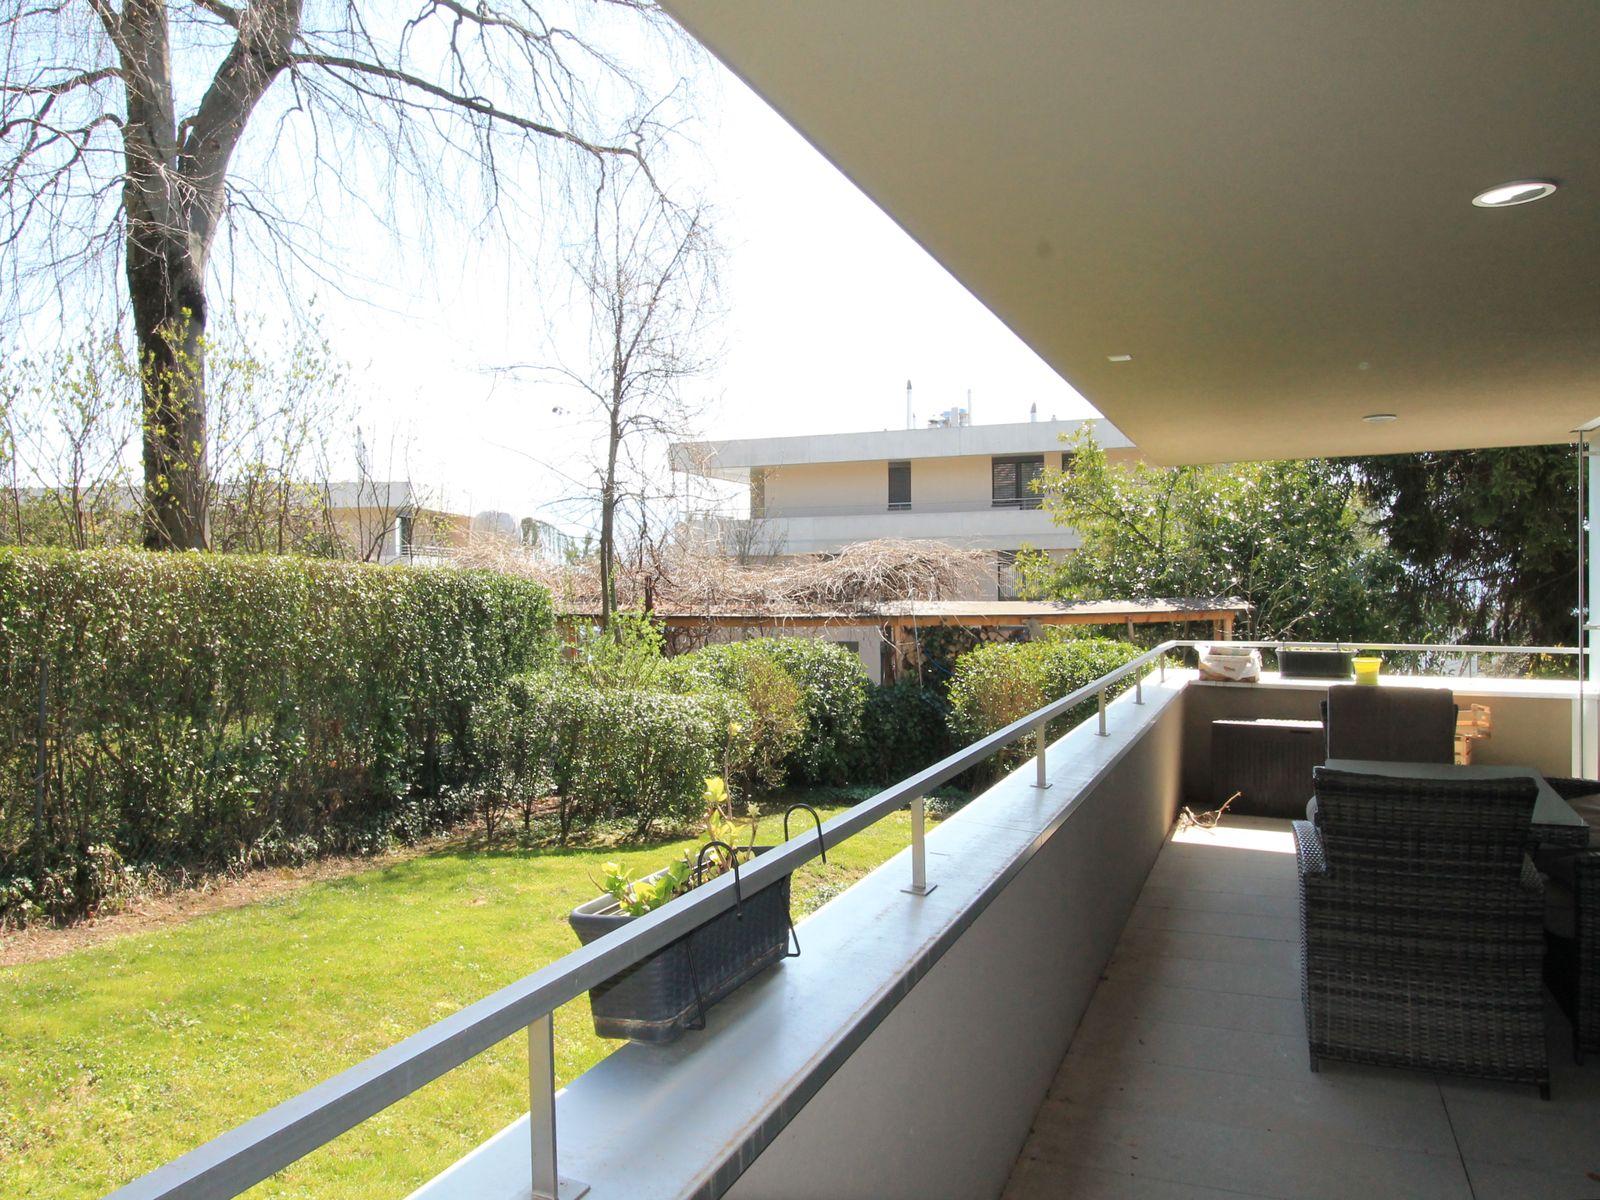 Balcon iffrant l'accès au jardin pour le rez supérieur